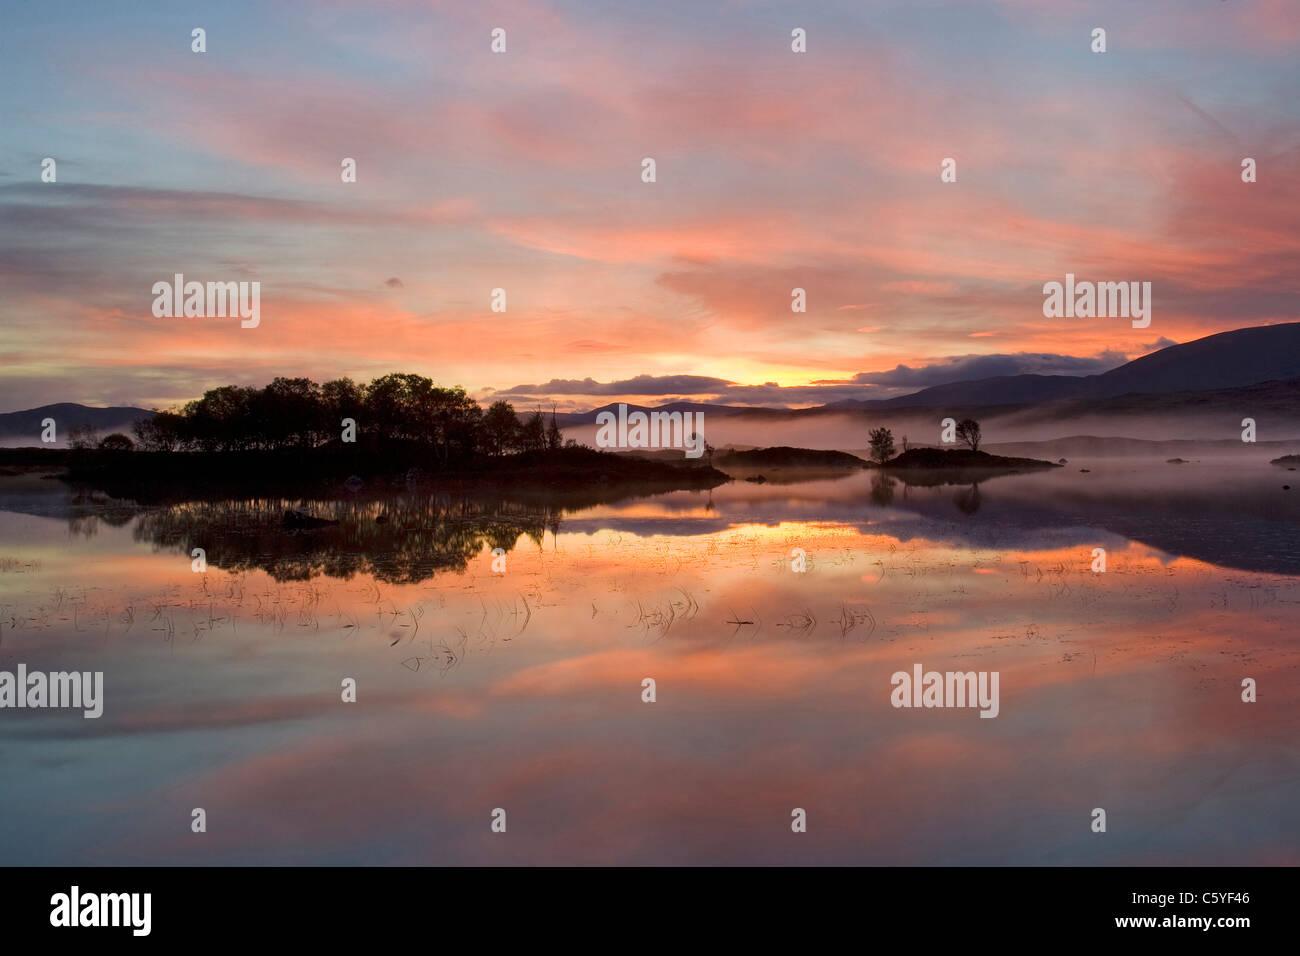 Al amanecer, Ba Loch Rannoch Moor, Escocia, Gran Bretaña. Foto de stock